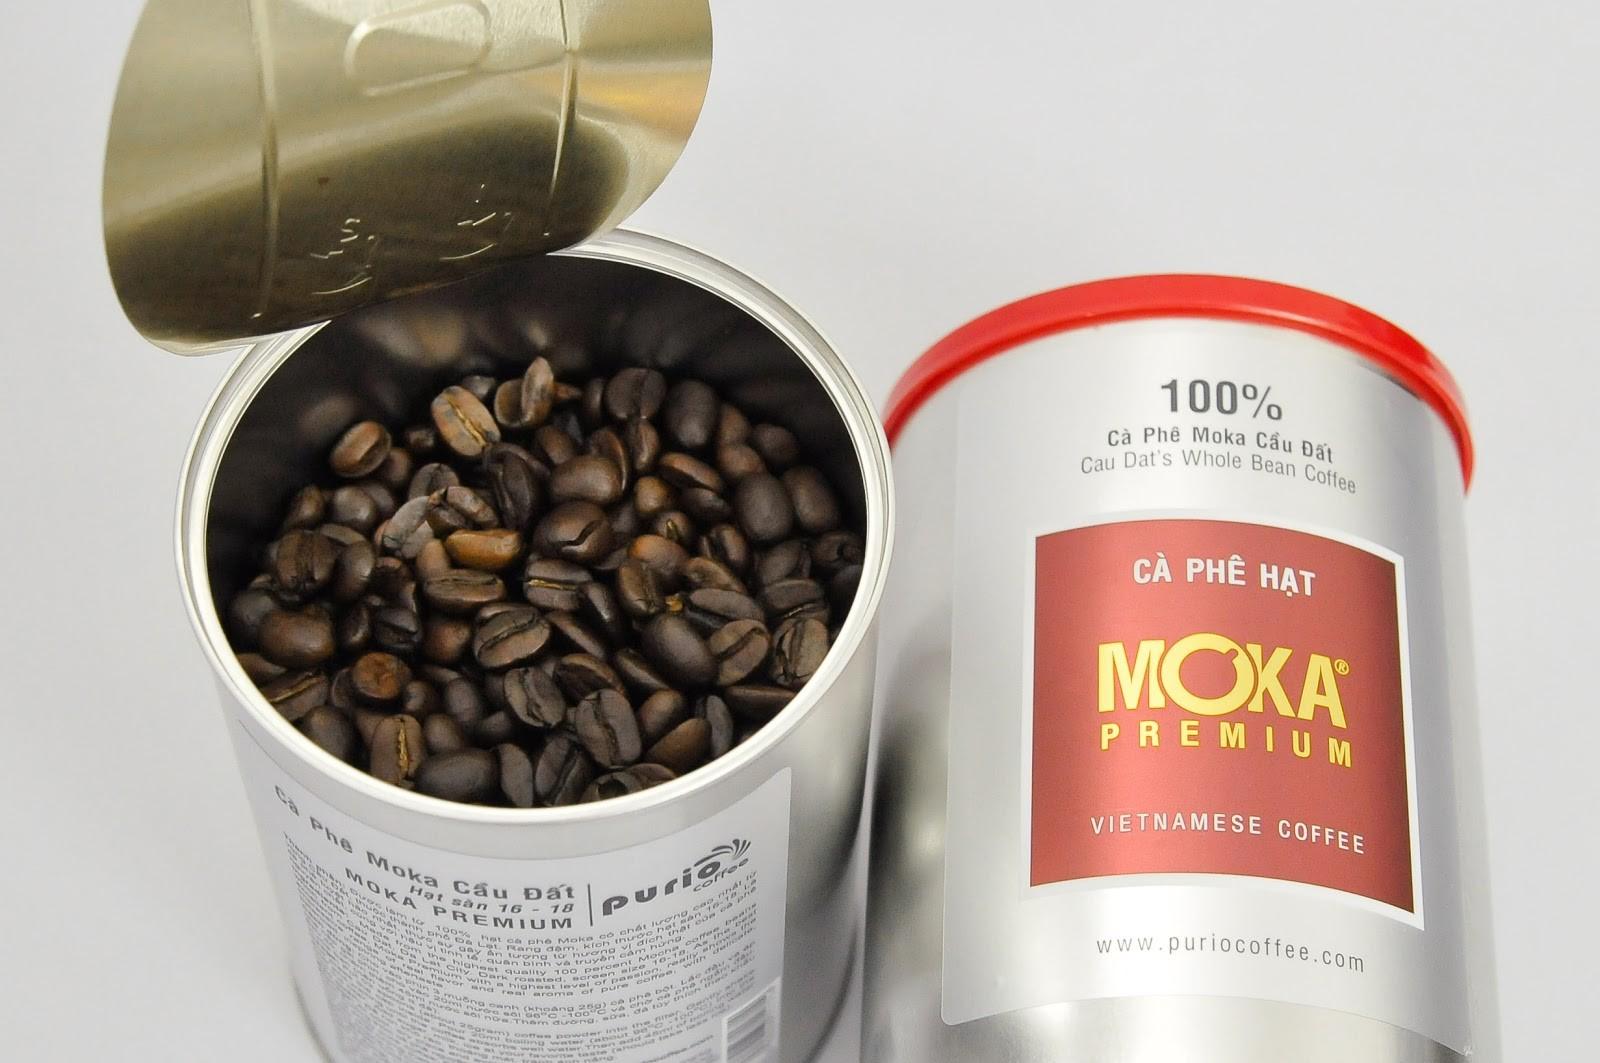 Moka Cầu Đất với hương vị đặc biệt